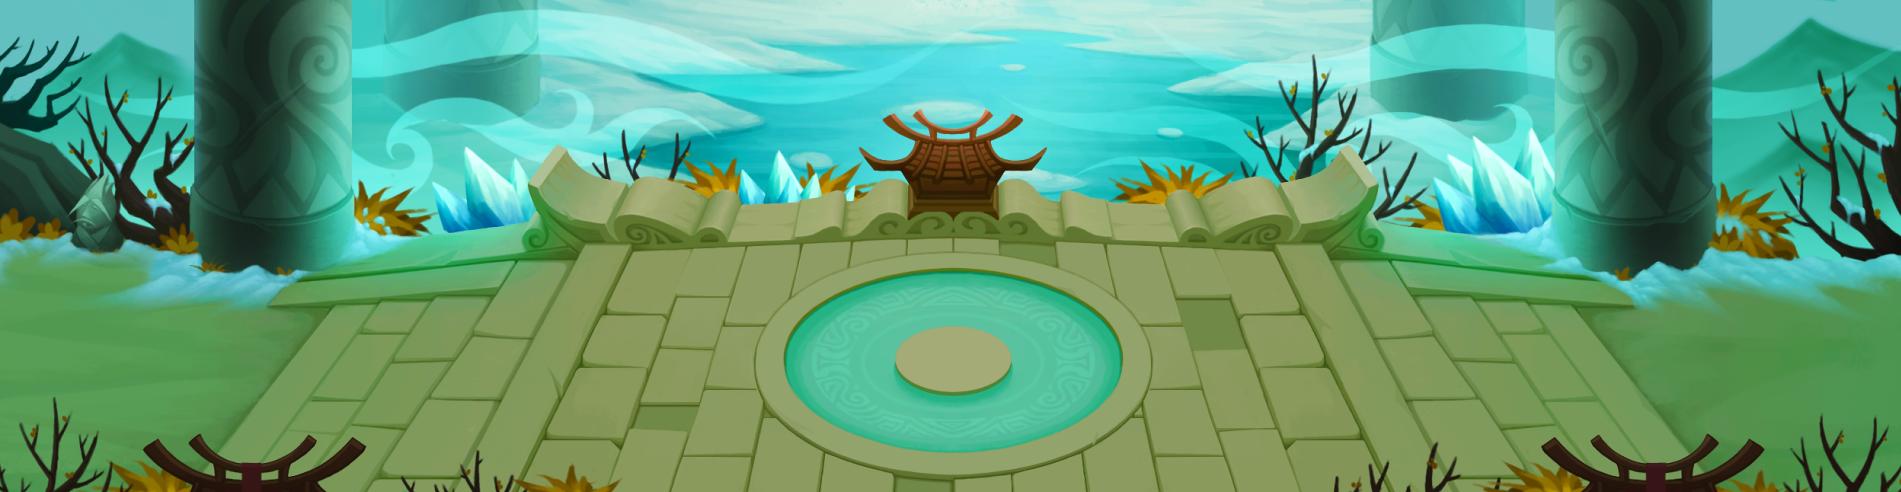 雪月湖—暖水河畔